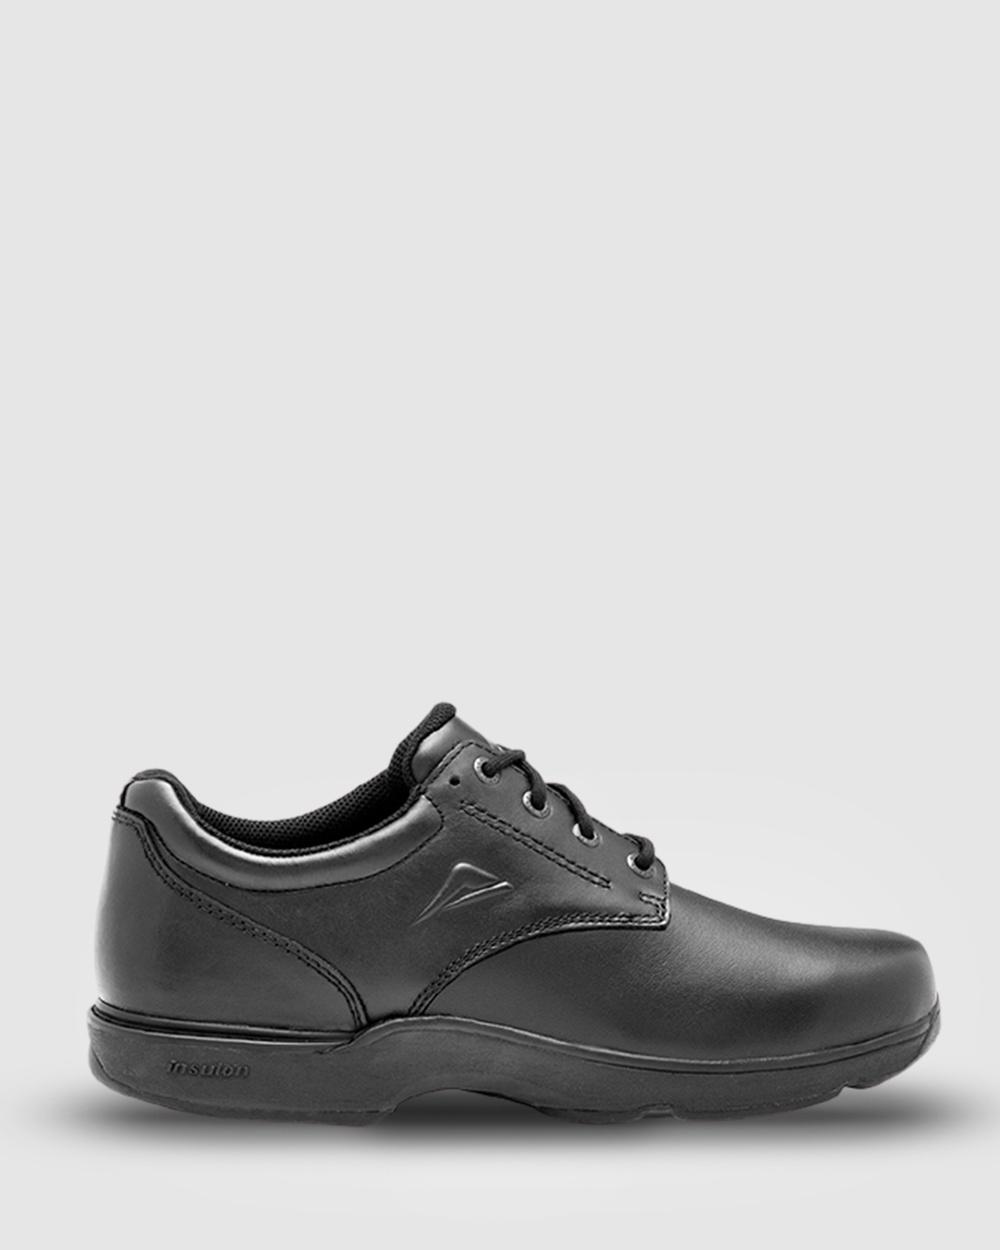 Ascent Apex 2E Width School Shoes Black Australia